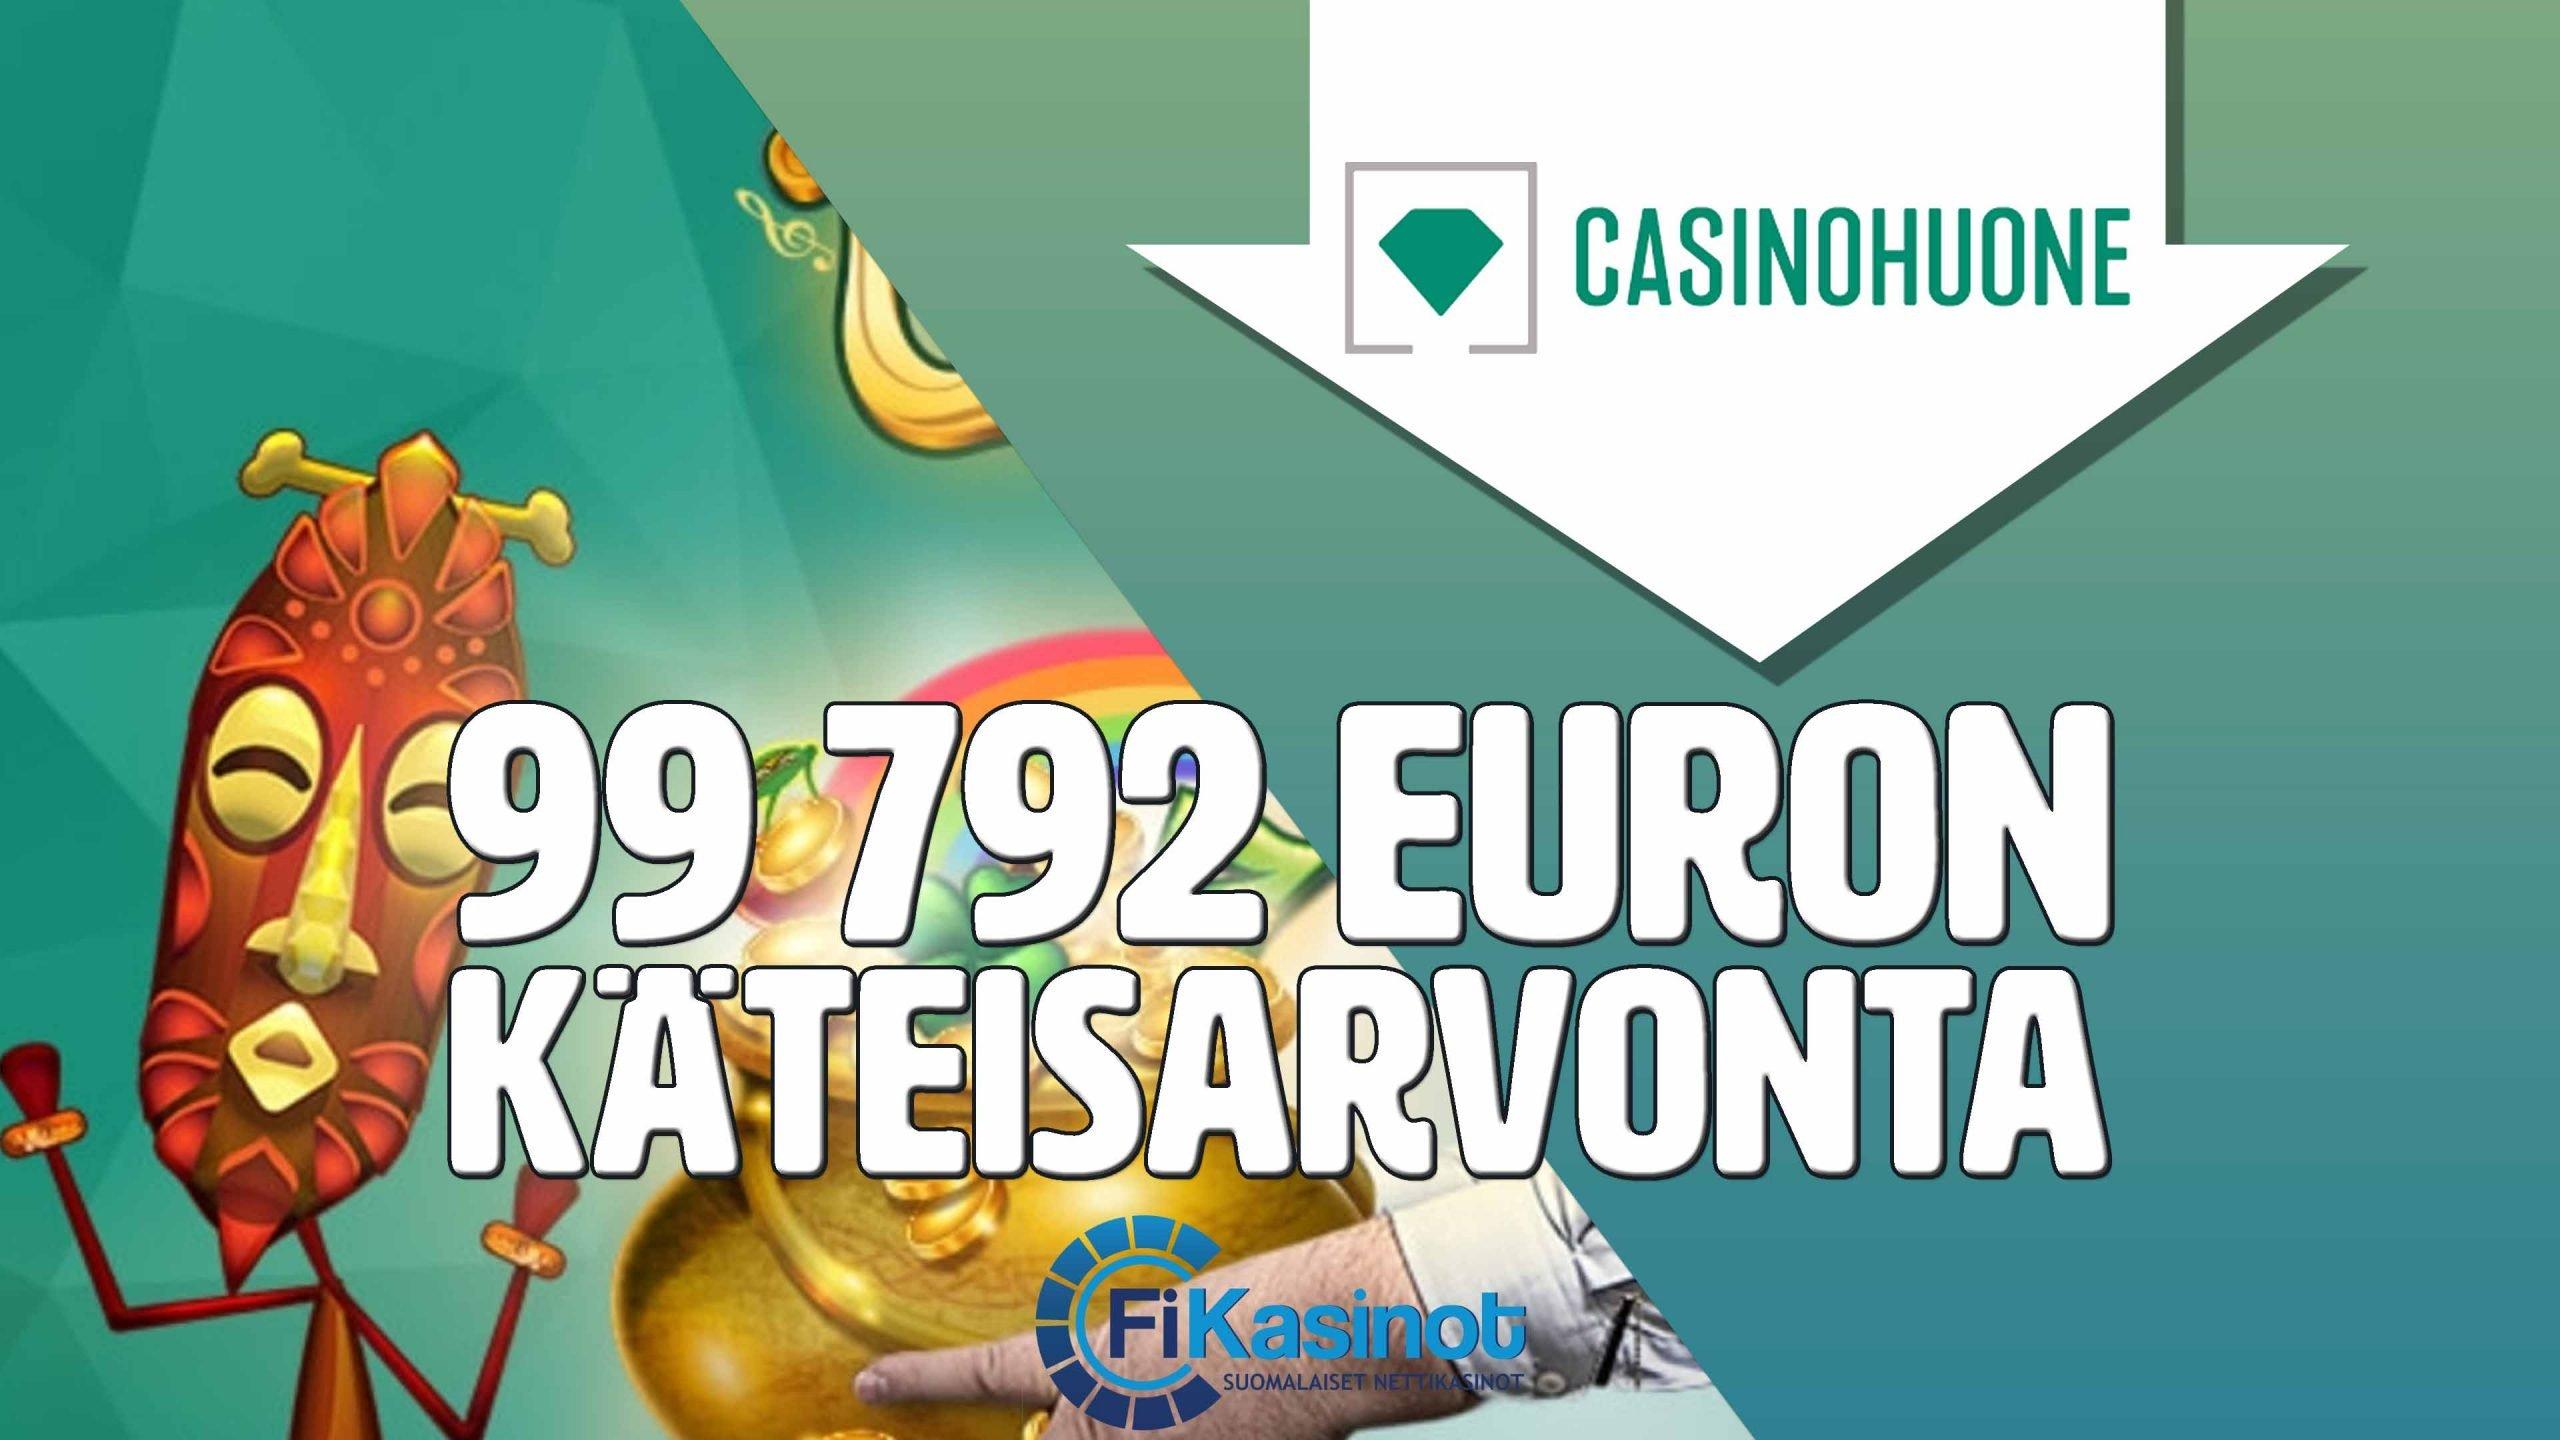 Casinohuoneen 99 792 euron käteisarvonta